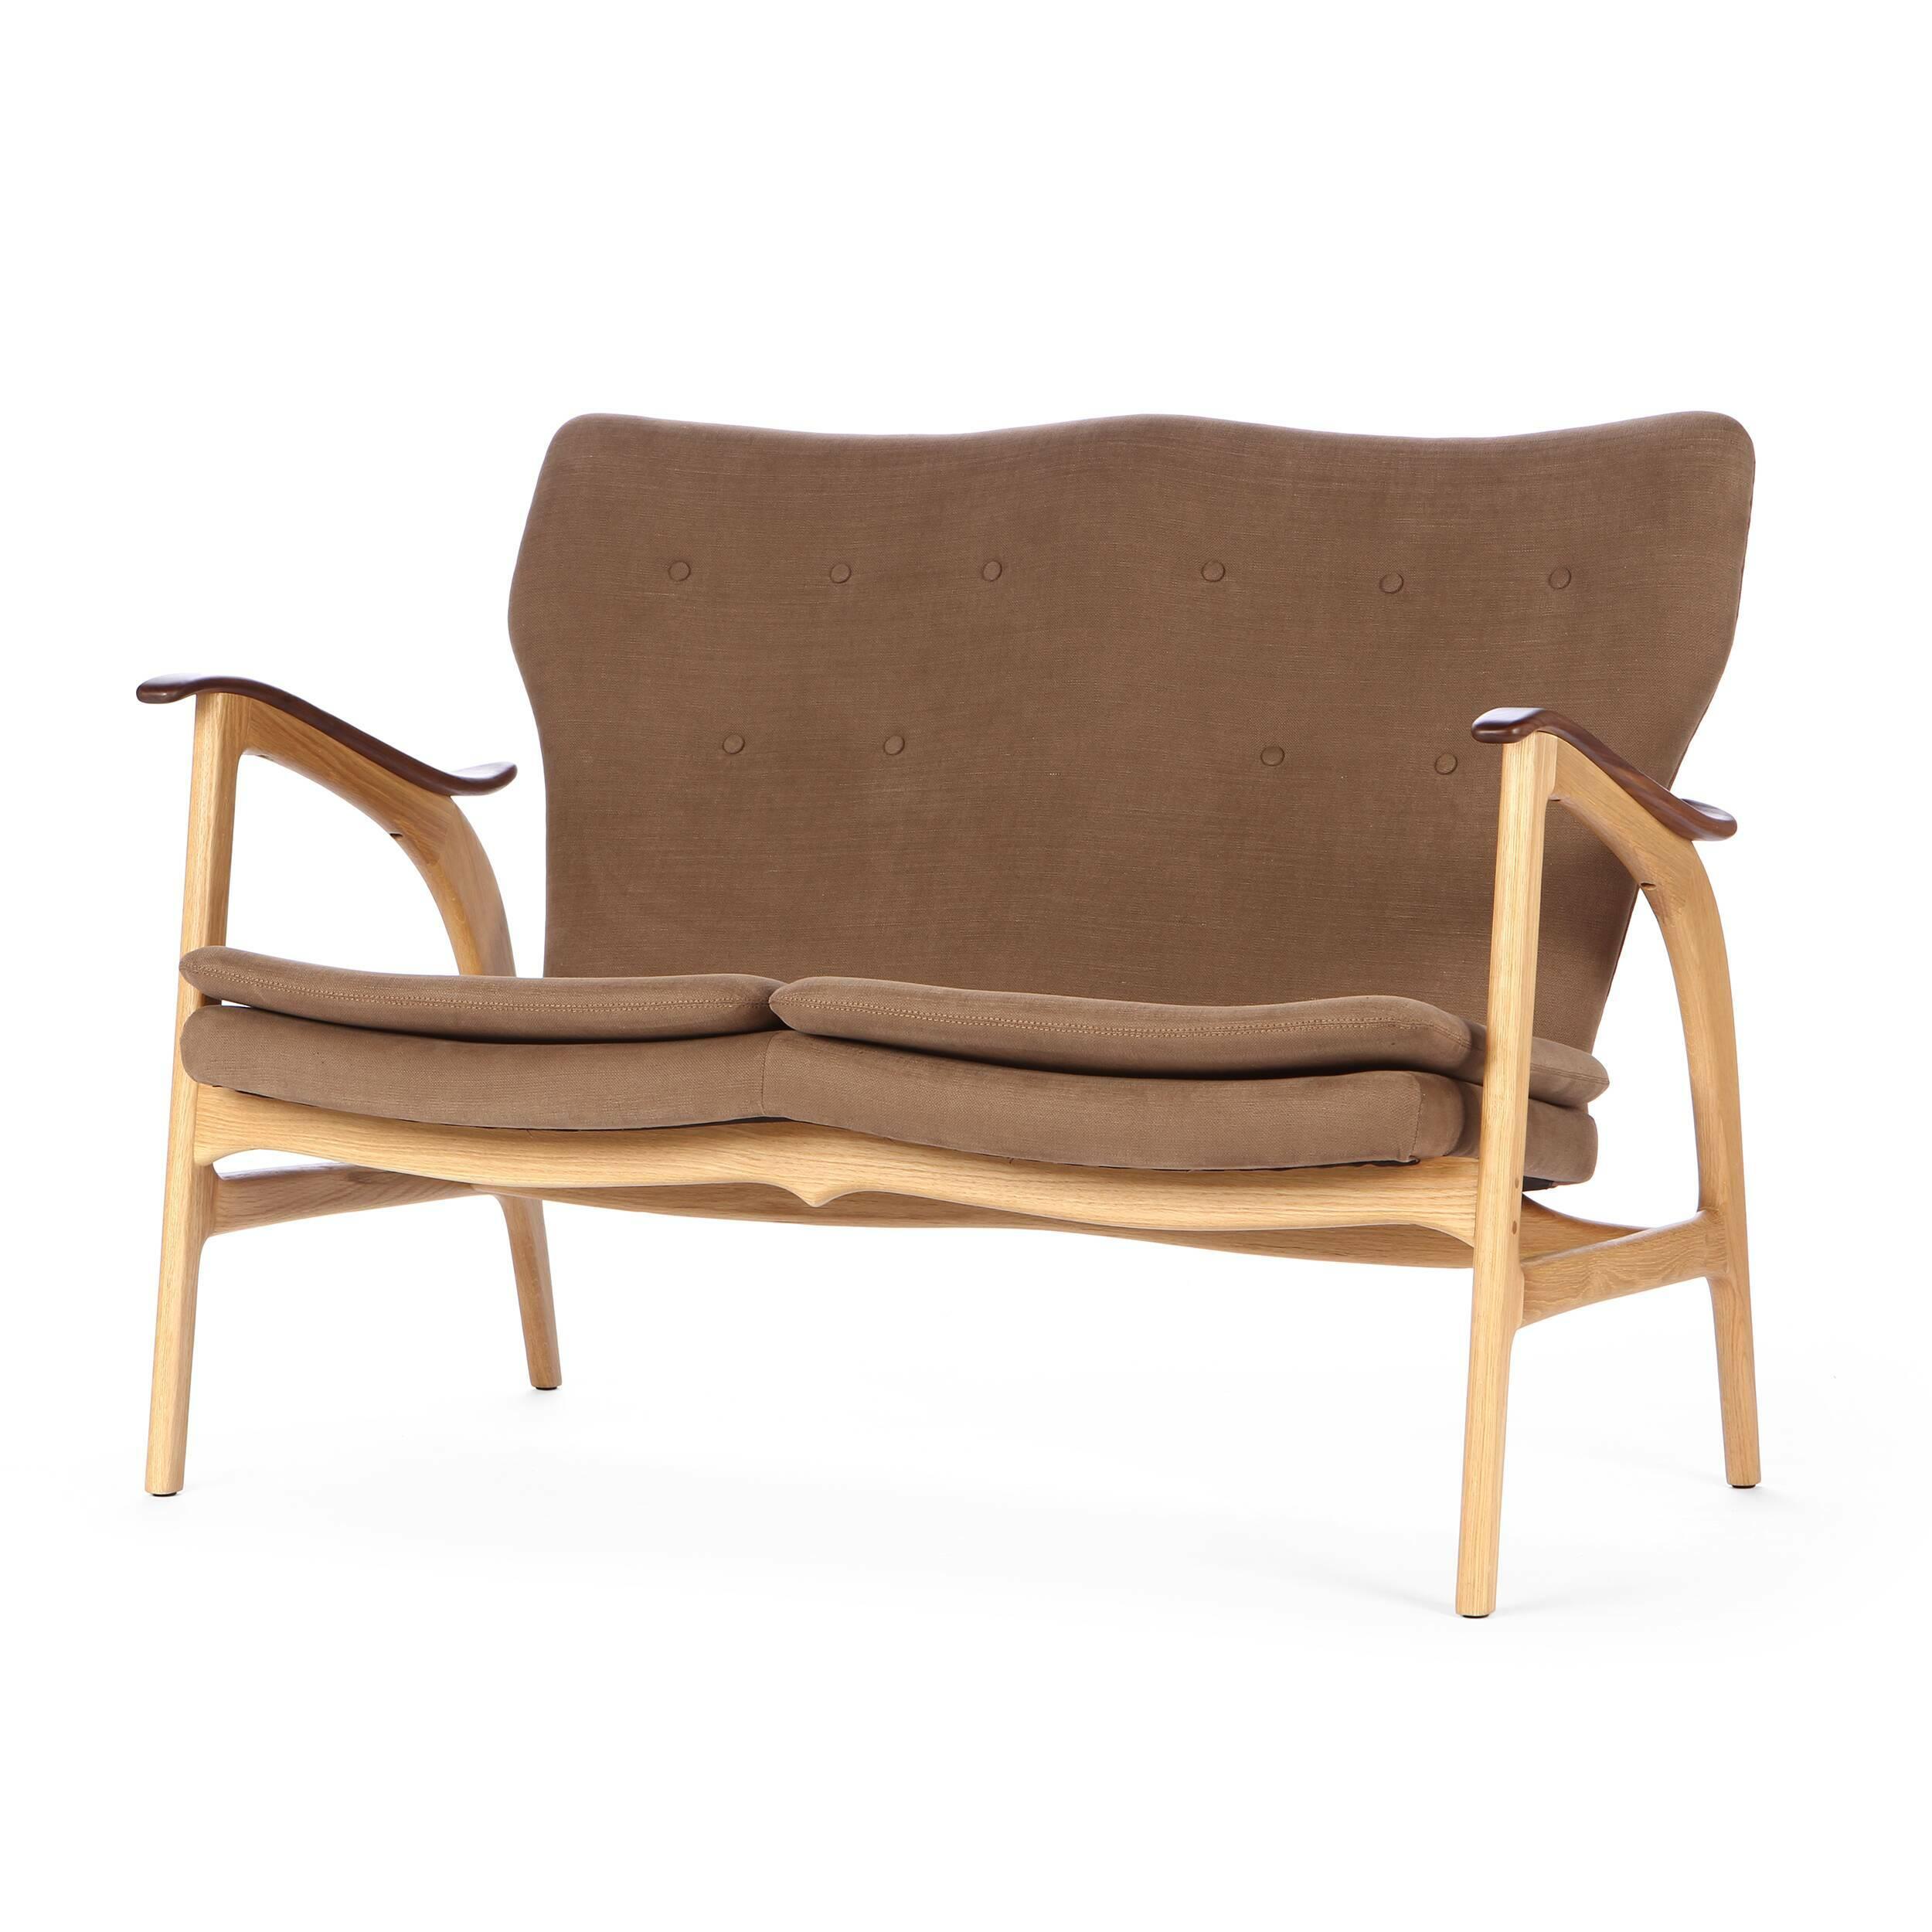 Диван FauteuilДвухместные<br>Дизайнерский легкий двухместный диван Fauteuil (Фоутей) с обивкой из льна и деревянным каркасом от Cosmo (Космо).<br><br>Классические формы классического дивана от классиков мебельного дизайна — проектировщиков из Скандинавии.<br> Финн Юль (Finn Juhl), автор дизайна дивана Fauteuil, — одна из крупнейших фигур в истории датского дизайна. В 1945 году он создал этот потрясающий диван, разорвавший привычные шаблоны: рама дивана больше не соединяет сиденье и спинку. Конечный результат задумки Финна Юл...<br><br>stock: 2<br>Высота: 84<br>Высота сиденья: 42,5<br>Глубина: 77<br>Длина: 118<br>Цвет подлокотников: Орех<br>Материал каркаса: Массив дуба<br>Материал обивки: Хлопок, Лен<br>Материал подлокотников: Массив ореха<br>Тип материала каркаса: Дерево<br>Коллекция ткани: Ray Fabric<br>Тип материала обивки: Ткань<br>Цвет обивки: Светло-коричневый<br>Цвет каркаса: Дуб белый